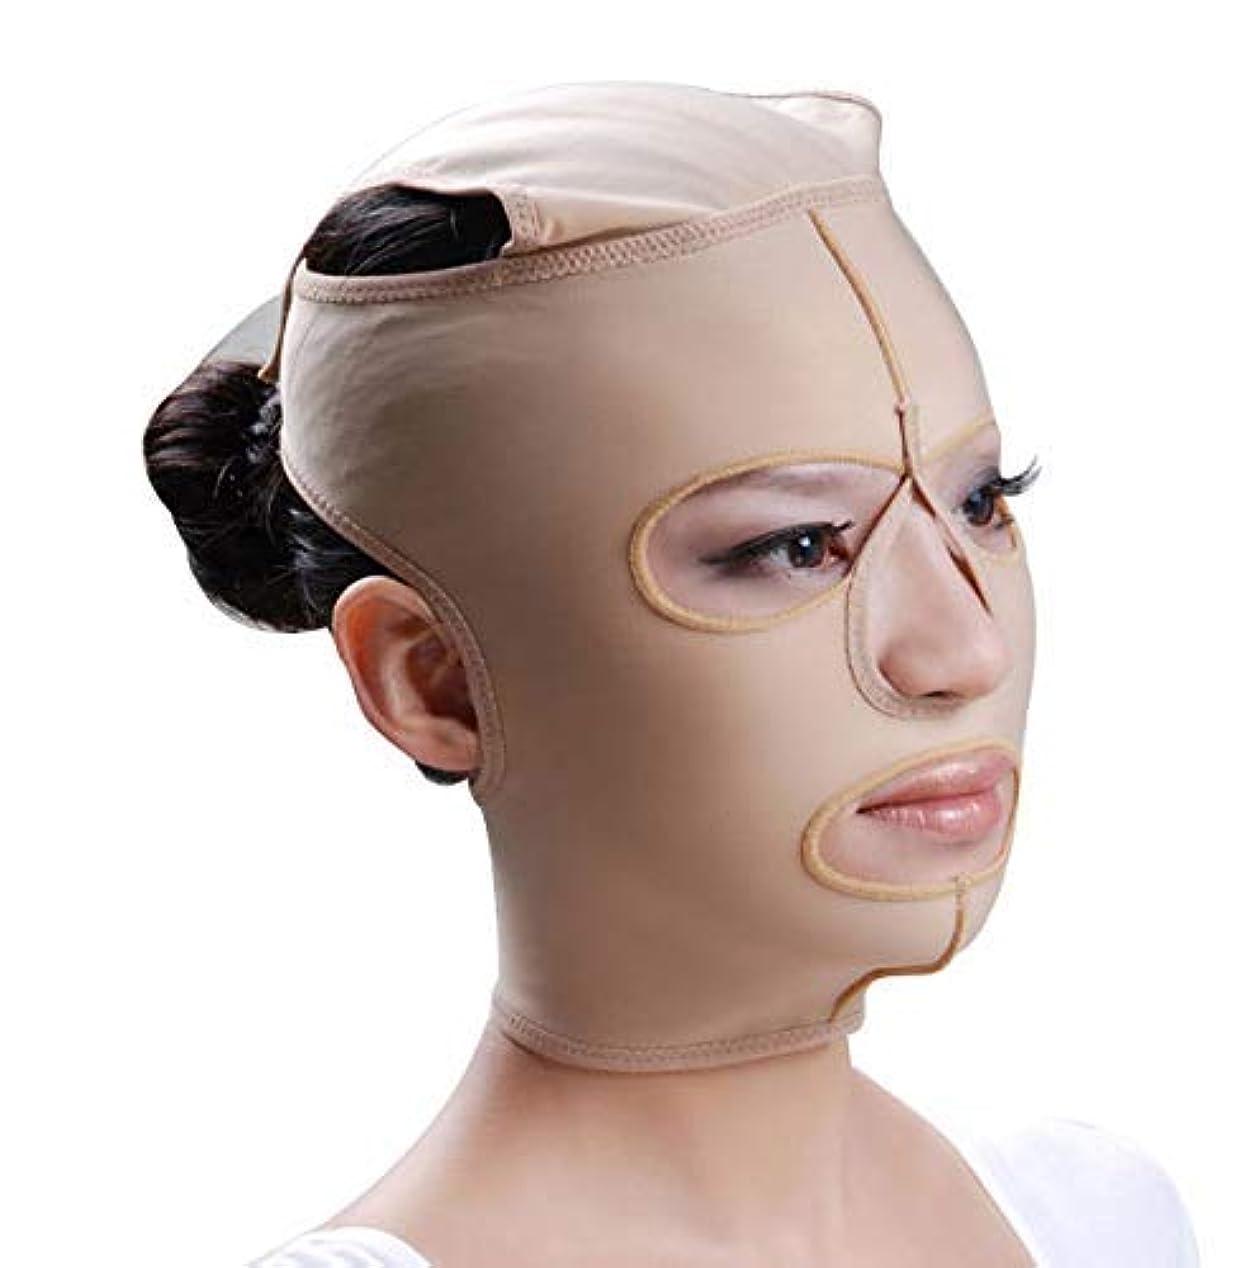 包括的探すフリッパーファーミングフェイスマスク、フェイシャルマスクエラスティックフェイスリフティングリフティングファーミングパターンマイクロフィニッシングポストモデリングコンプレッションフェイスマスク(サイズ:S),S